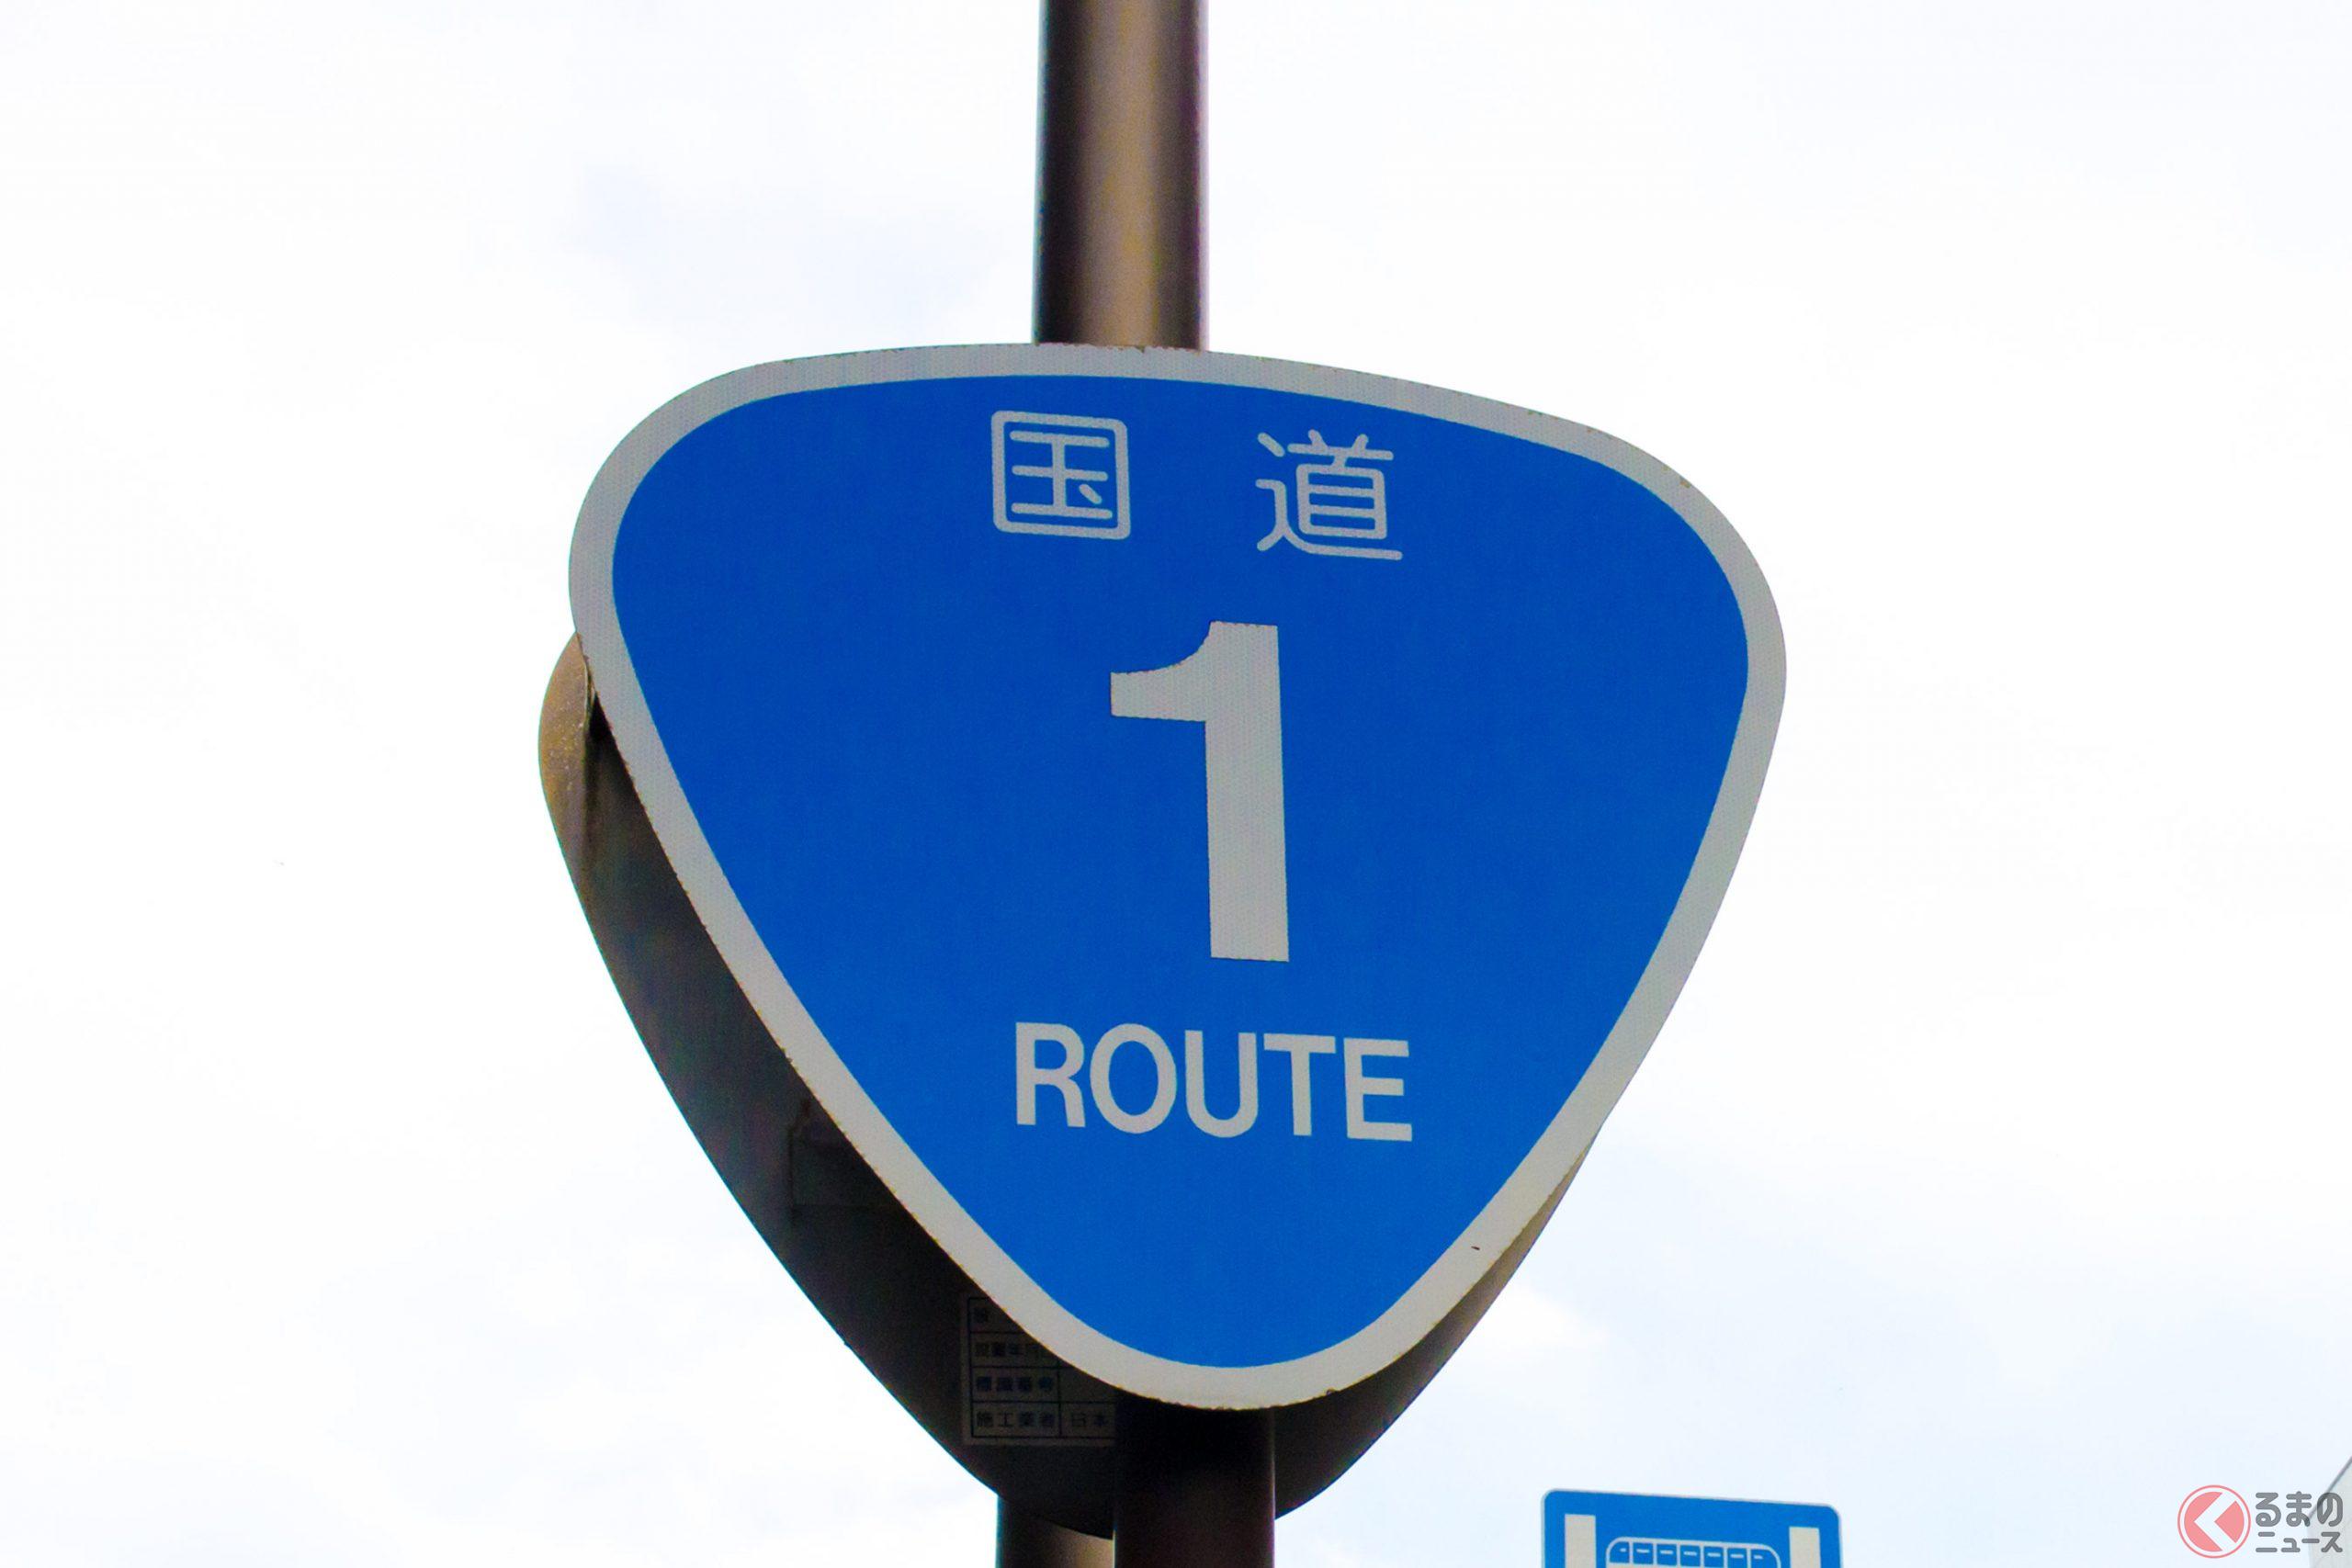 日本の国道1号は東京都中央区日本橋から大阪府大阪市北区を結ぶ延長約750km